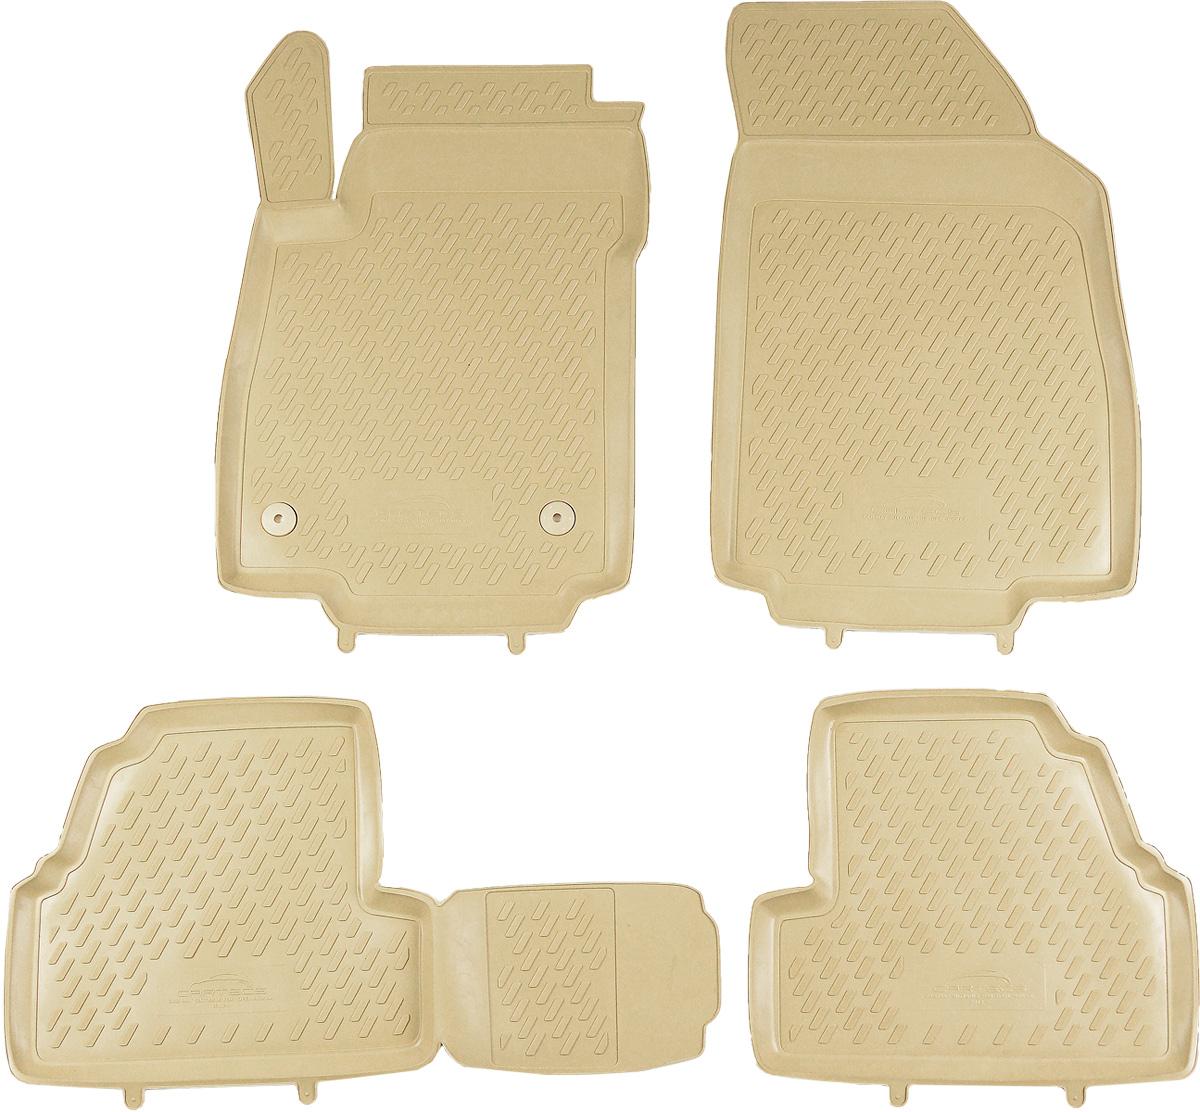 Коврики в салон автомобиля Novline-Autofamily, для Opel Mokka 2012->, 4 штCAROPL00029kbКоврики в салон Novline-Autofamily не только улучшат внешний вид салона вашего автомобиля, но и надежно уберегут его от пыли, грязи и сырости, а значит, защитят кузов от коррозии. Полиуретановые коврики для автомобиля гладкие, приятные и не пропускают влагу. Автомобильные коврики в салон учитывают все особенности каждой модели и полностью повторяют контуры пола. Благодаря этому их не нужно будет подгибать или обрезать. И самое главное - они не будут мешать педалям.Полиуретановые автомобильные коврики для салона произведены из высококачественного материала, который держит форму и не пачкает обувь. К тому же, этот материал очень прочный (его, к примеру, не получится проткнуть каблуком).Некоторые автоковрики становятся источником неприятного запаха в автомобиле. С полиуретановыми ковриками Novline-Autofamily вы можете этого не бояться.Коврики для автомобилей надежно крепятся на полу и не скользят, что очень важно во время движения, особенно для водителя.Коврики из полиуретана надежно удерживают грязь и влагу, при этом всегда выглядят довольно опрятно. И чистятся они очень просто: как при помощи автомобильного пылесоса, так и различными моющими средствами.